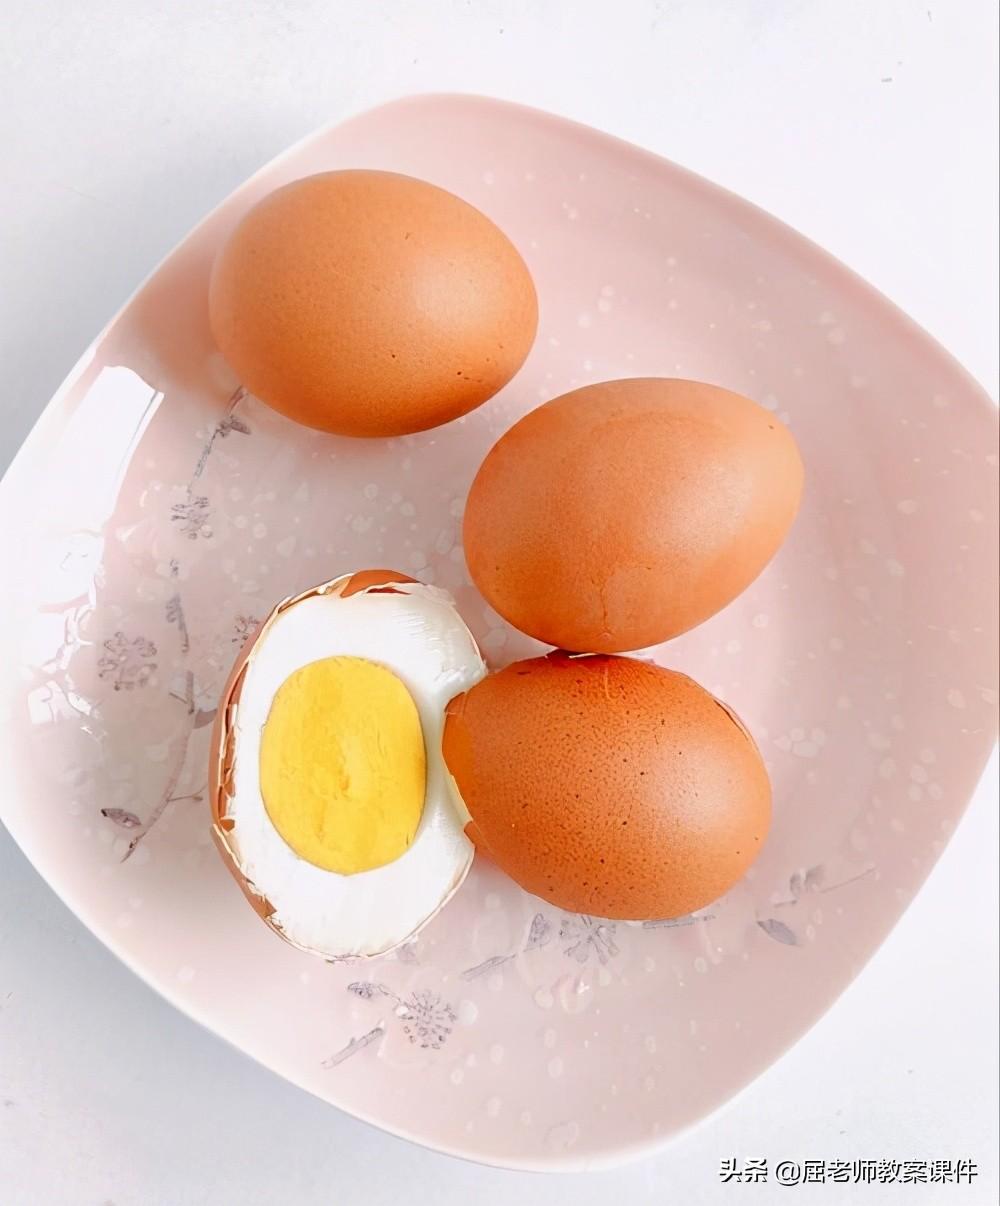 幼儿园小班健康教案 每天吃一个鸡蛋有利身体健康